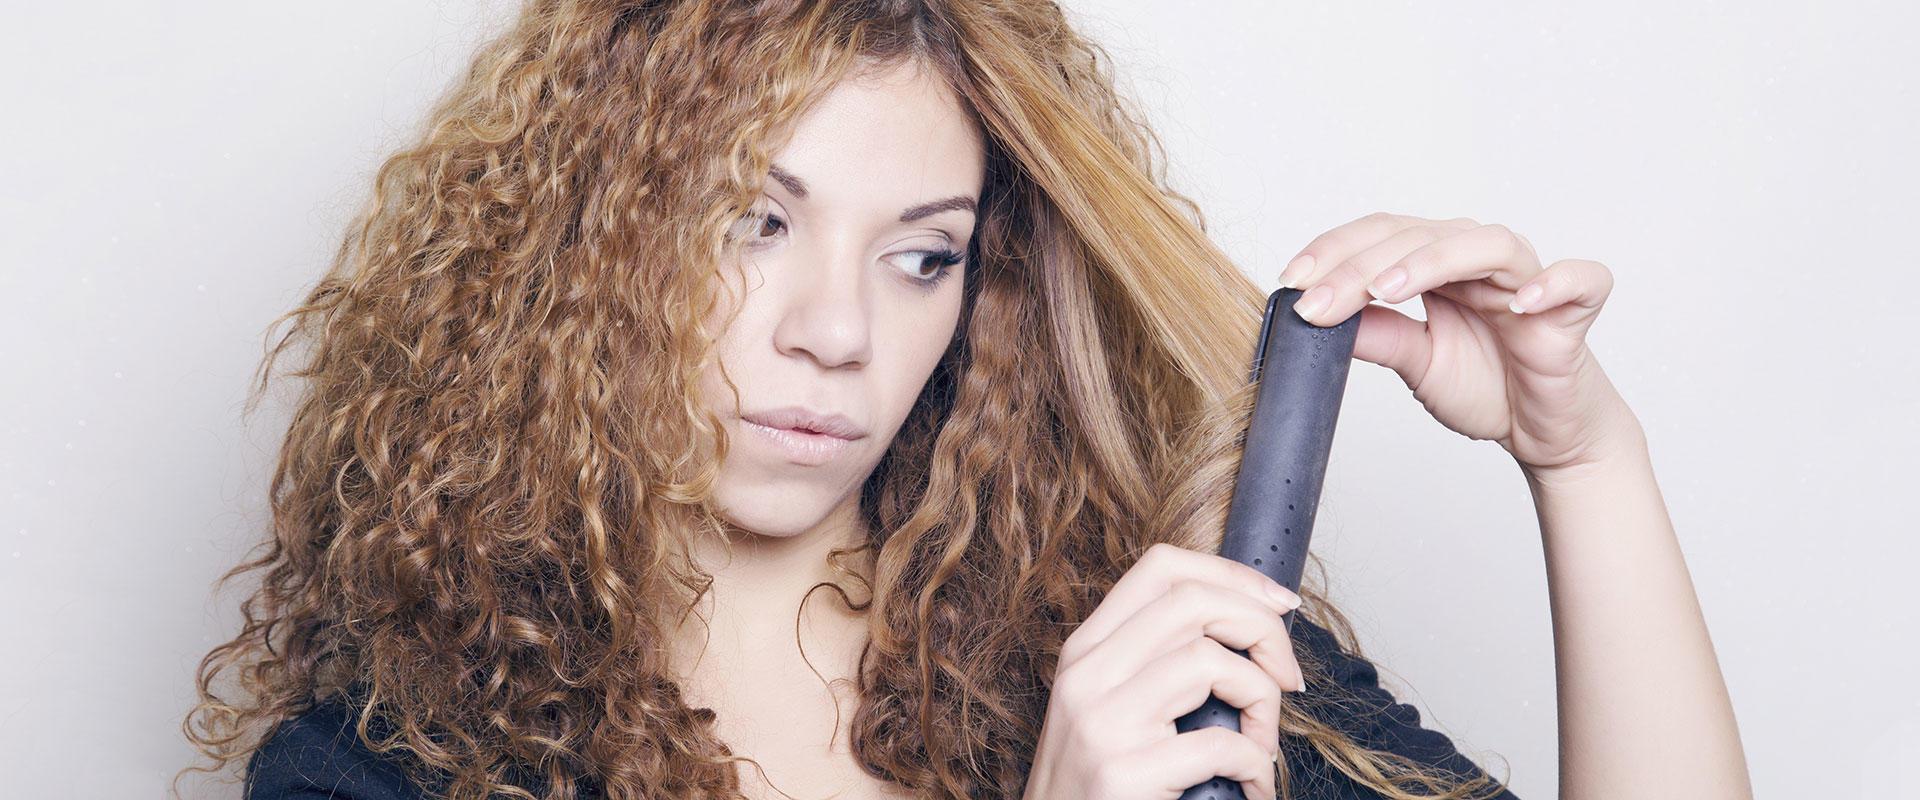 En iyi saç düzleştiricileri TOP 5 - Pembe Teknoloji